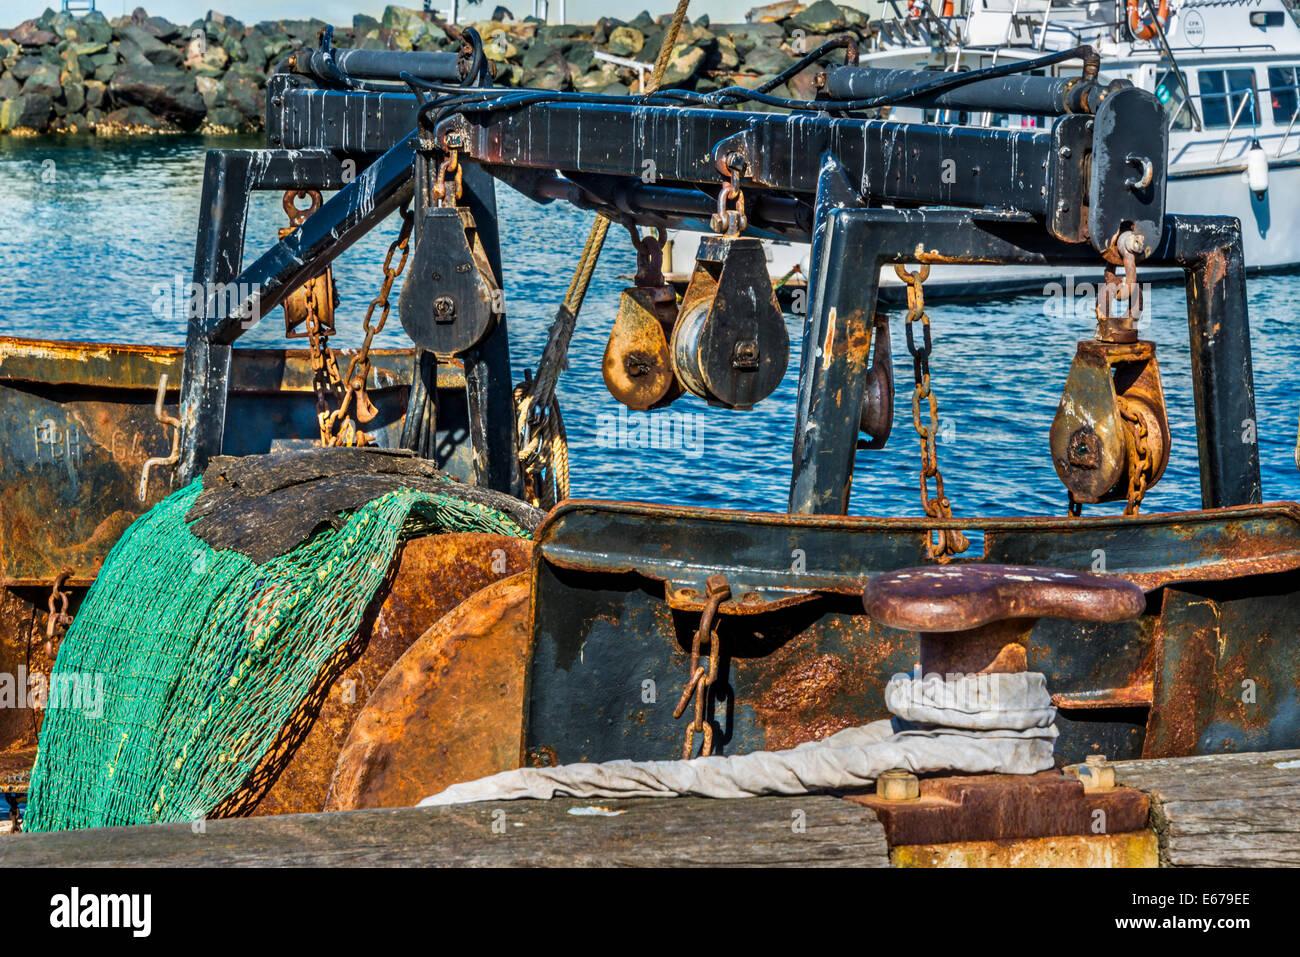 Bateau de pêche avec des engins de pêche, les chaînes rouillées et survécu à poulies Photo Stock